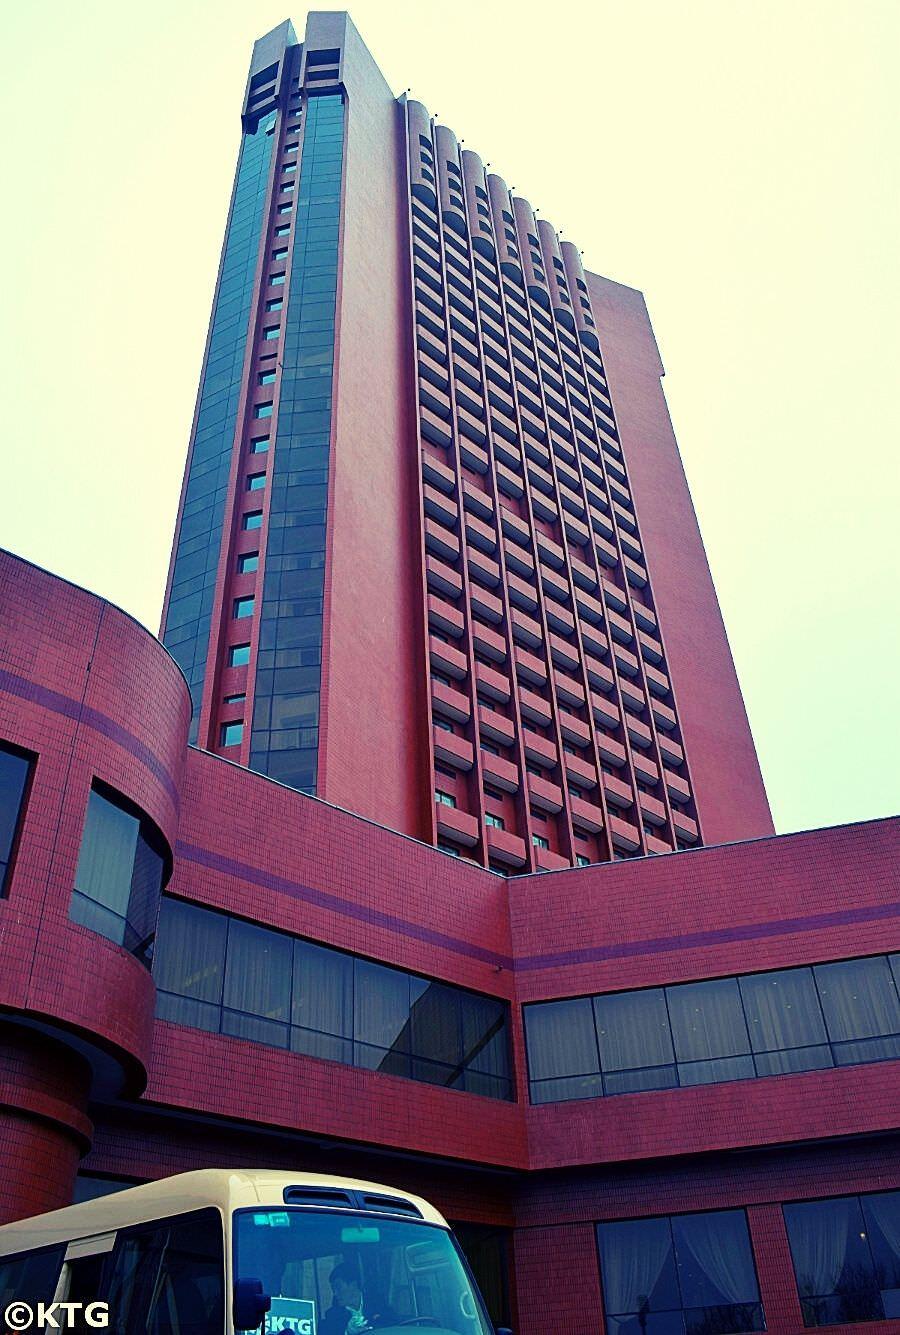 Hotel Sosan en Pyongyang, Corea del Norte, vehiculo KTG